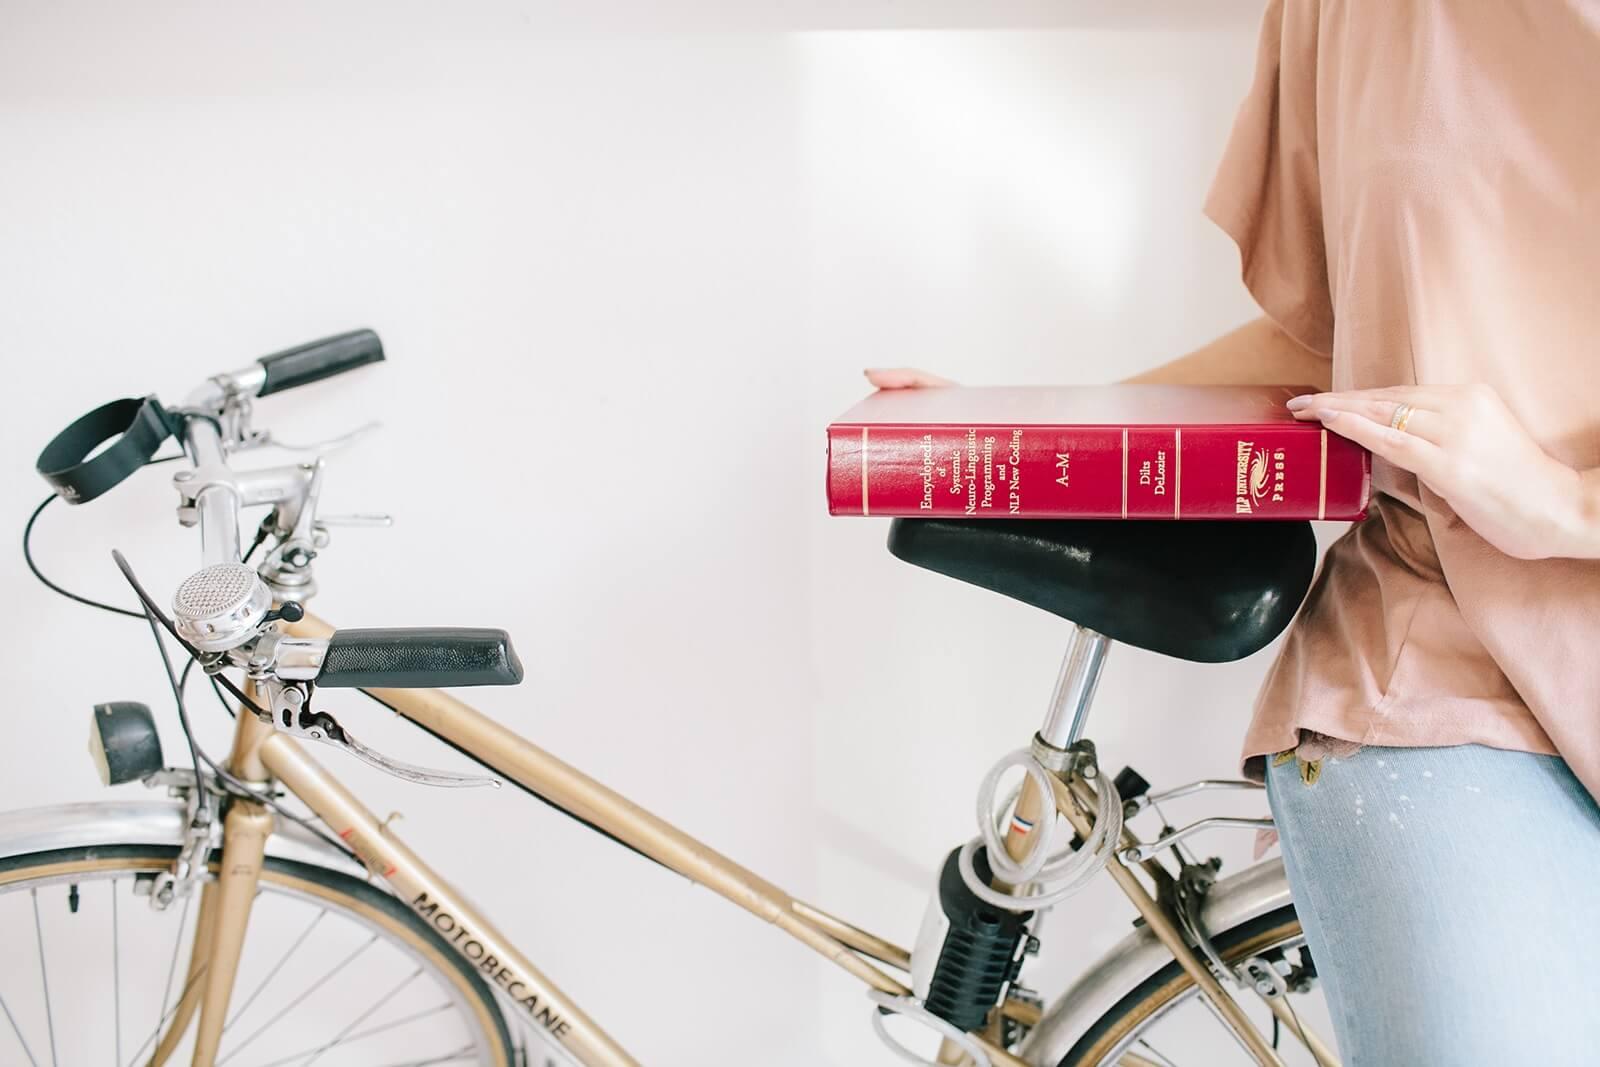 Enciclopedia de PNL sobre el acento de una bicicleta.